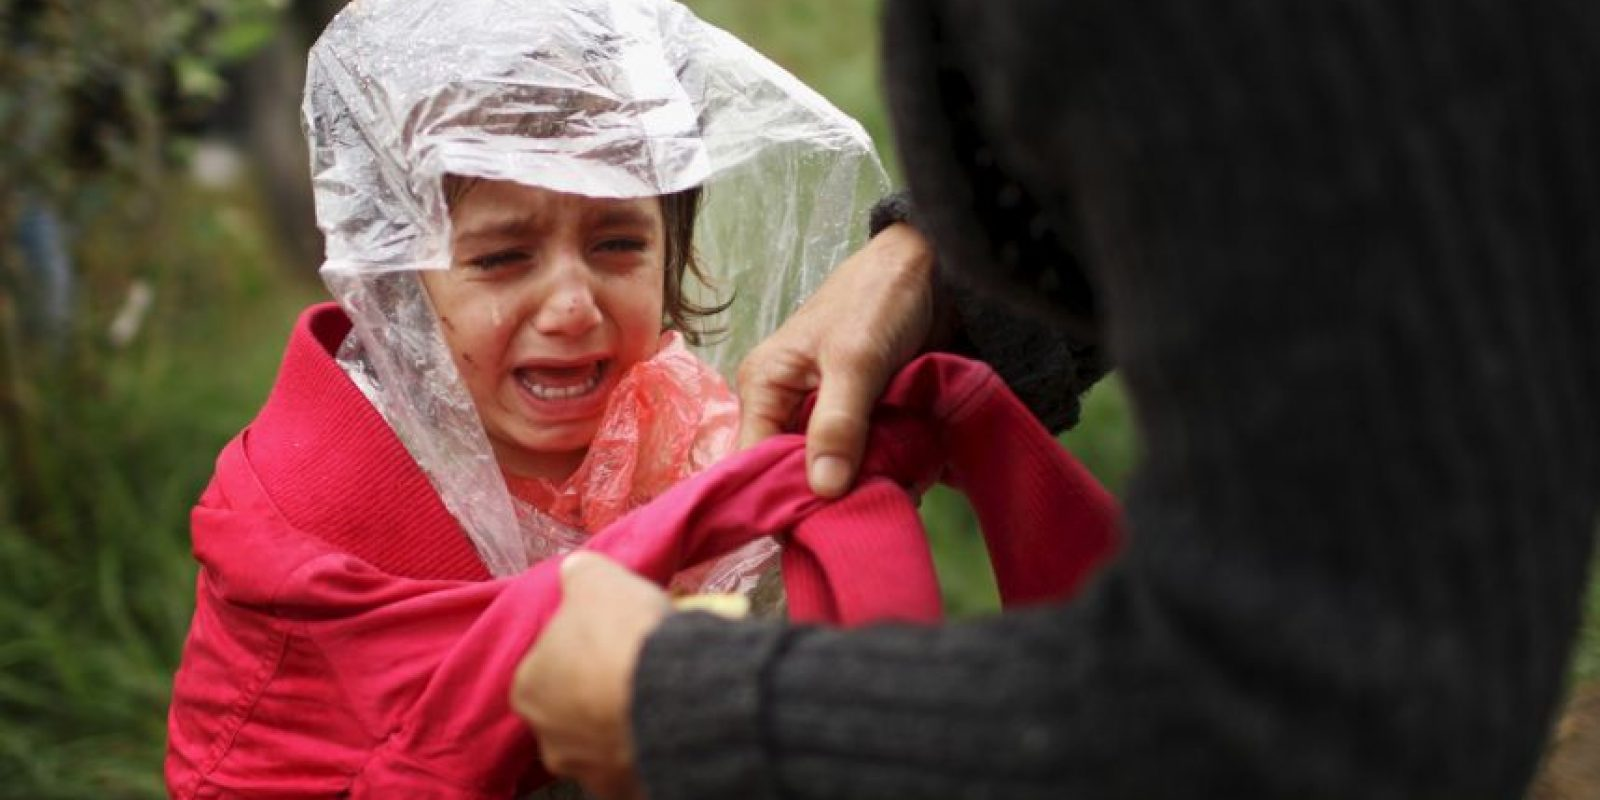 Casi todos los que pasan por Hungría esperan llegar a Alemania u otros países de Europa occidental. Foto:Getty Images